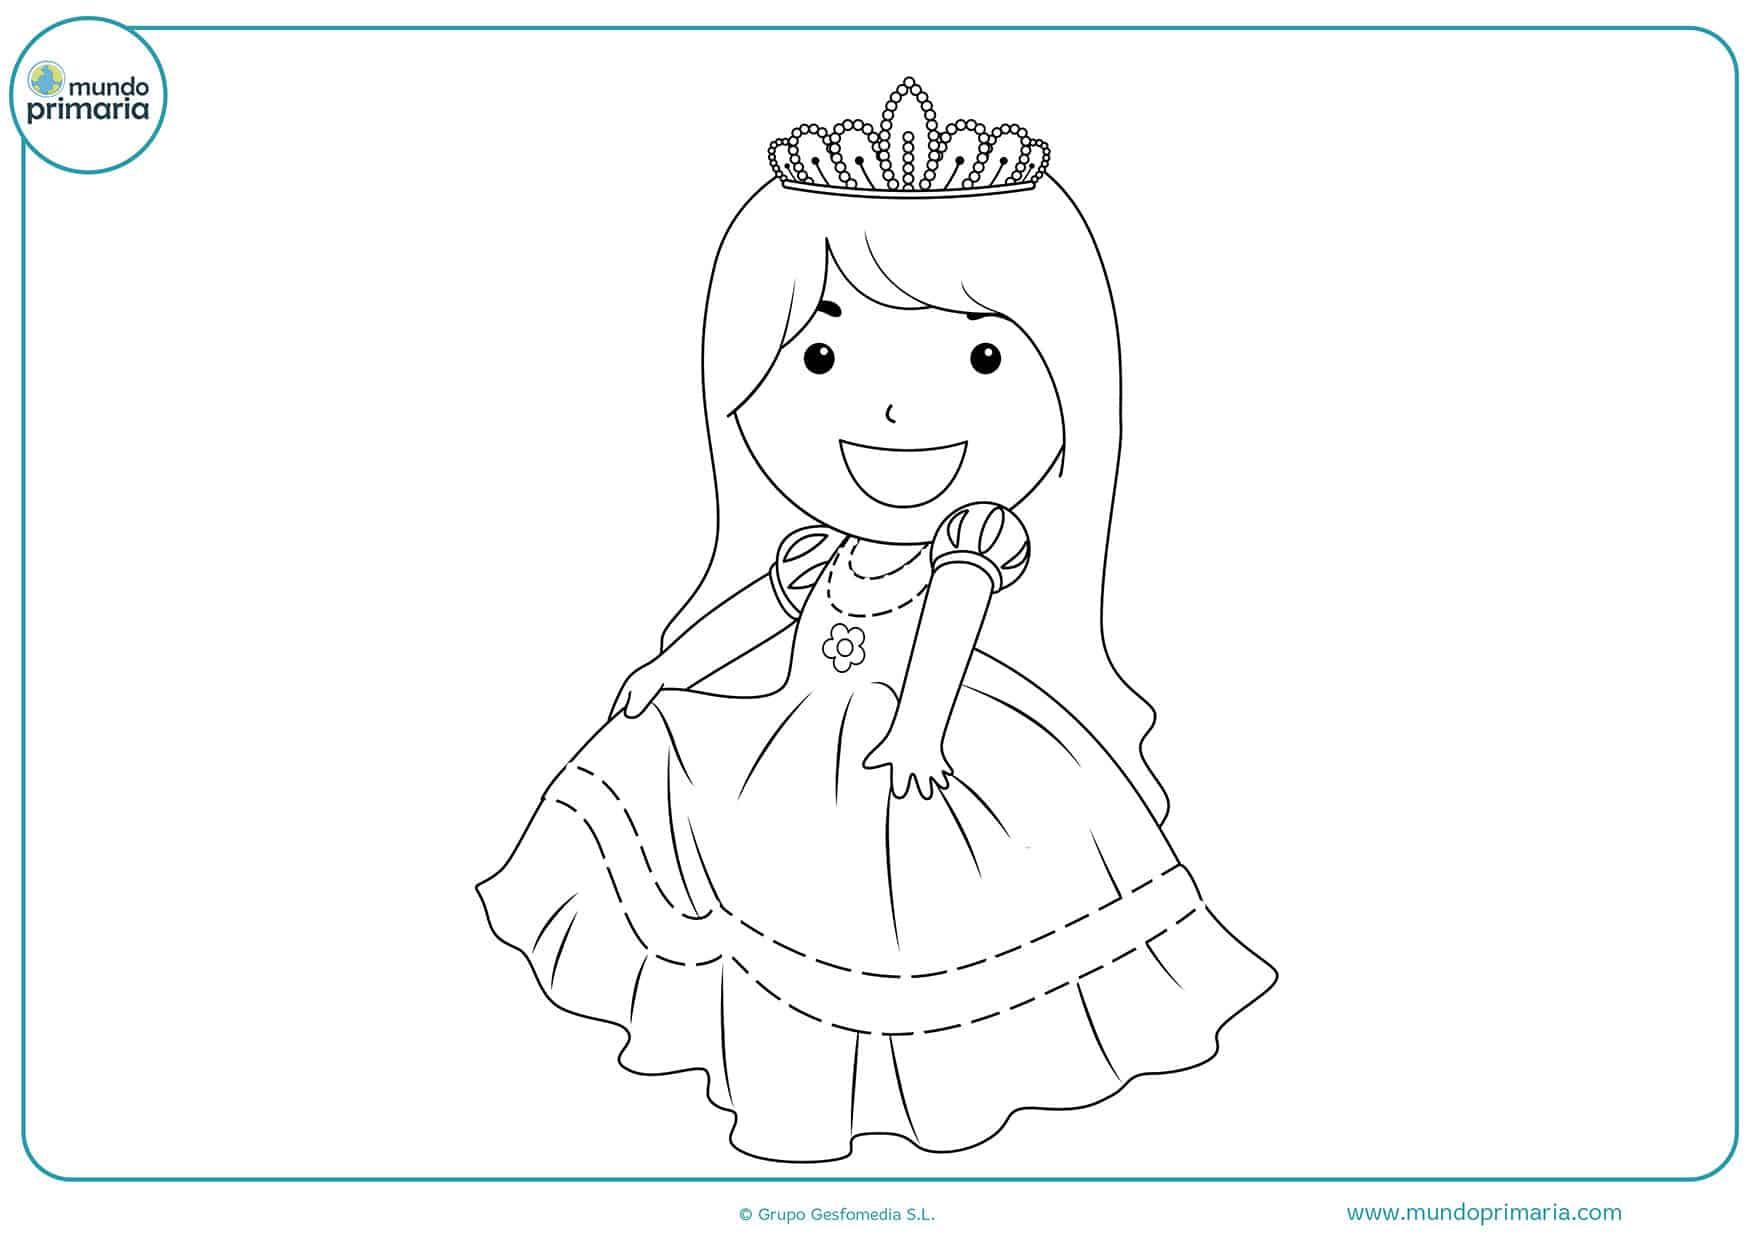 Dibujos Para Colorear Rapunzel: Dibujos De Princesas Para Colorear